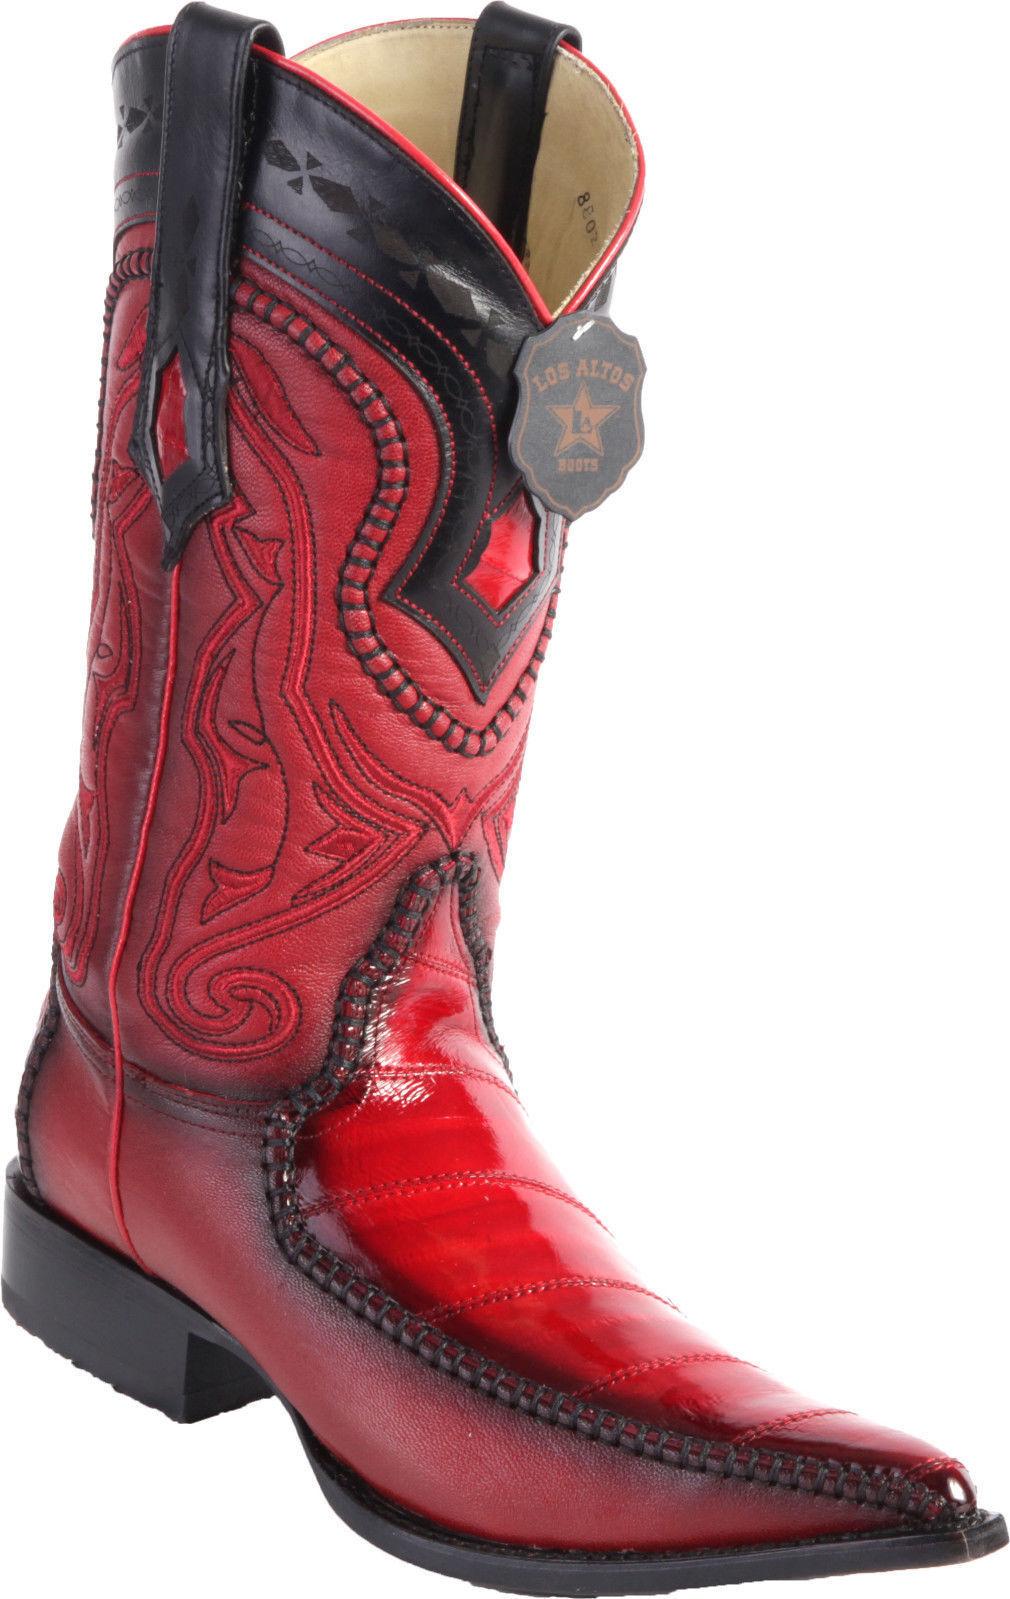 LOS ALTOS 3X Uomo RED GENUINE EEL 3X ALTOS TOE WESTERN COWBOY BOOT D 22a656